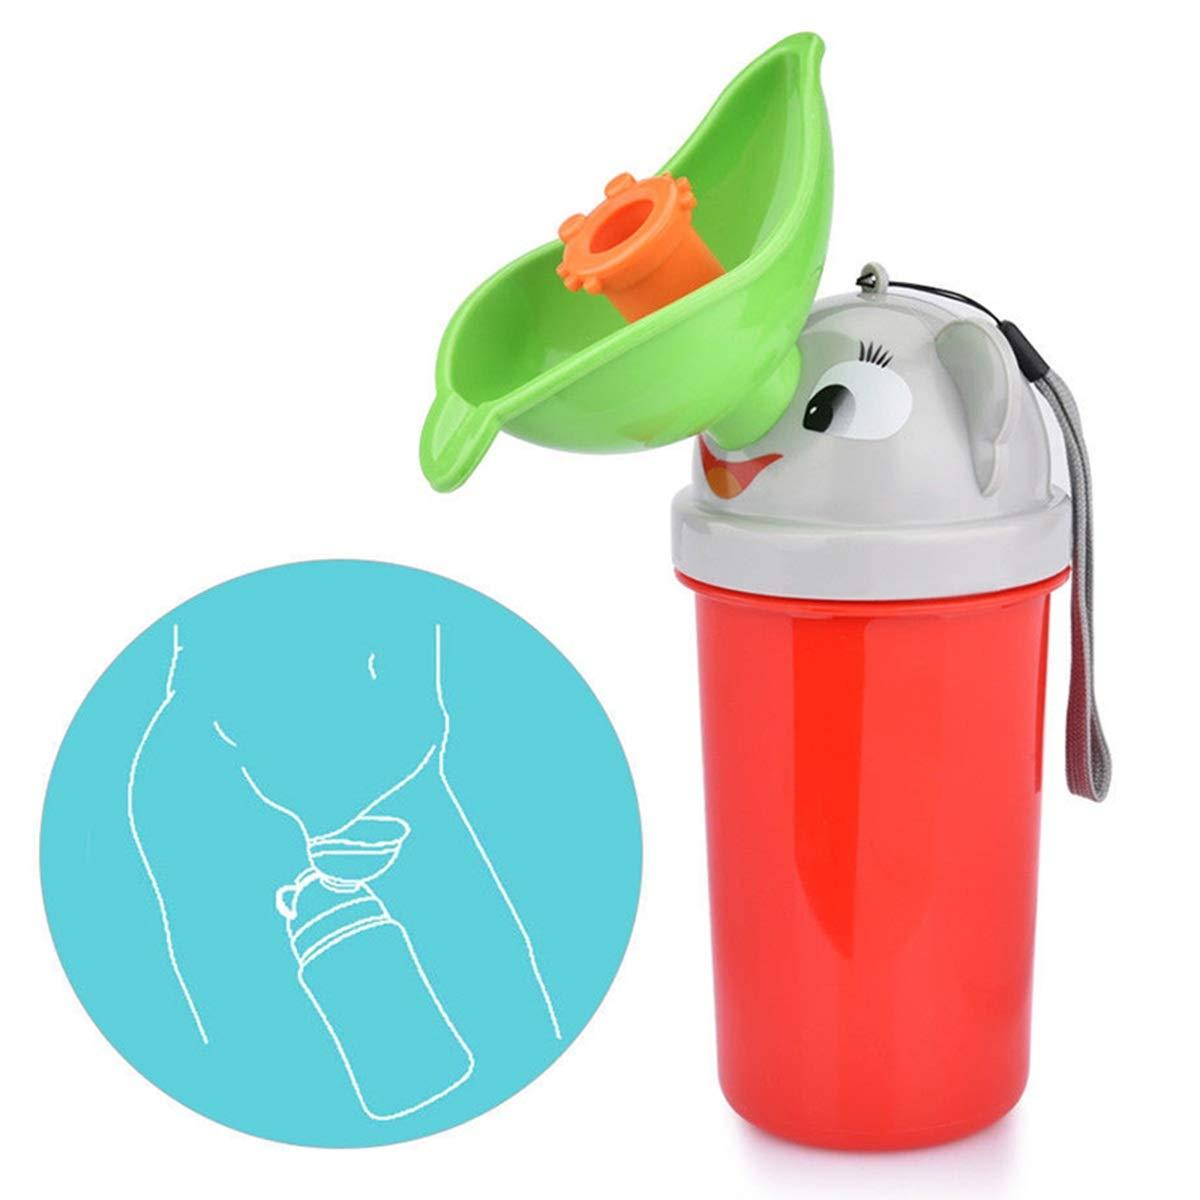 Portable R/éutilisable B/éb/é Enfant Potty Urinoir Urgence De Toilette Formation Pee pour Camping Car Voyage Pour Gar/çons et Filles Color : Red